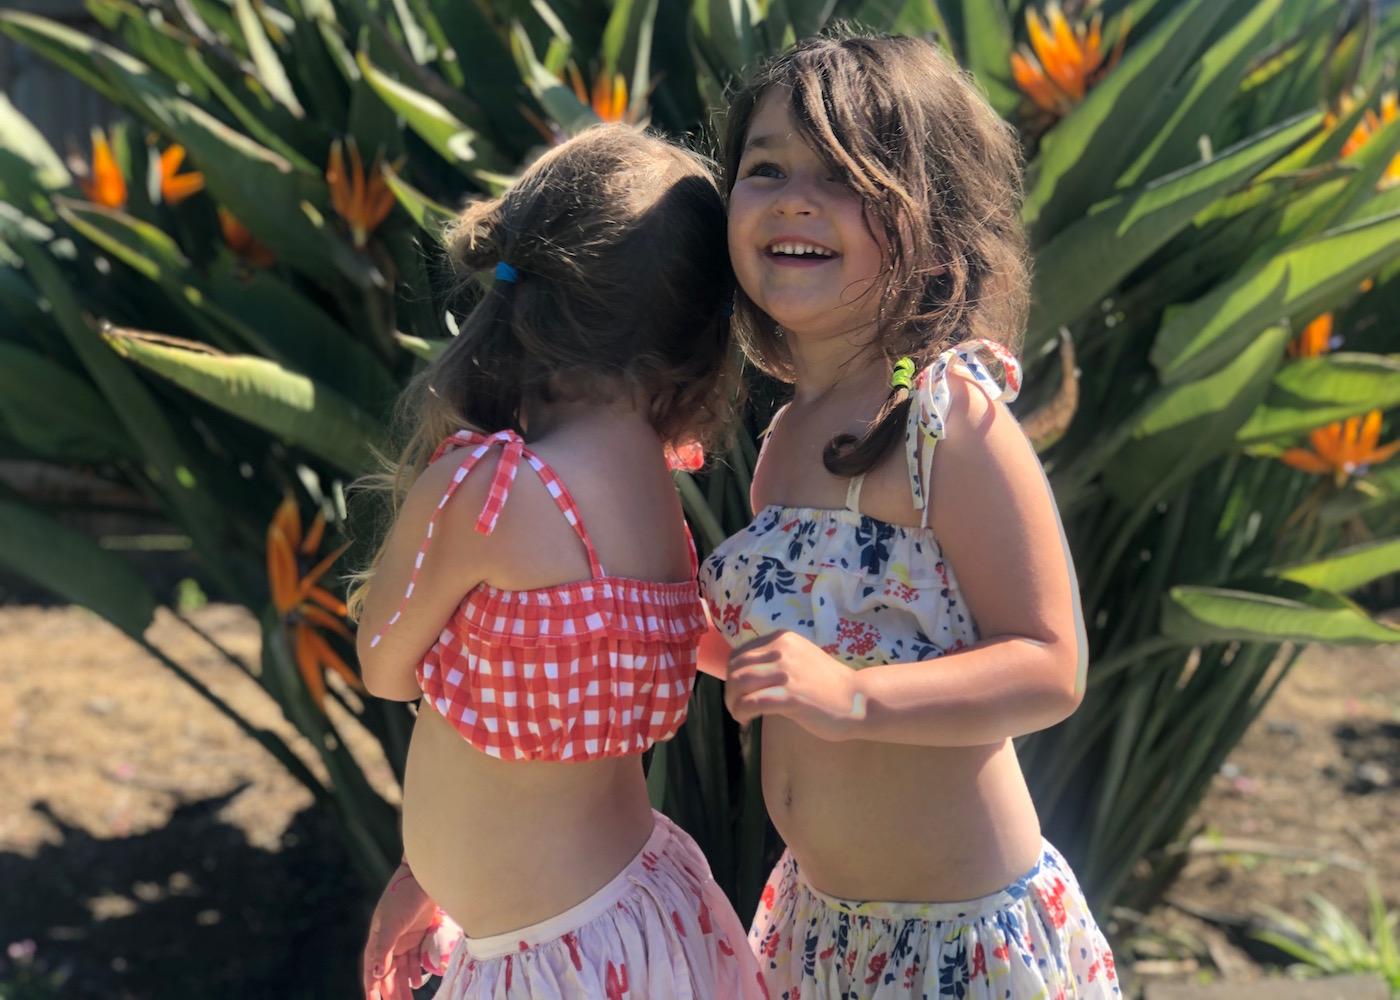 Kidsagogo | Kids Clothing Stores in Bali